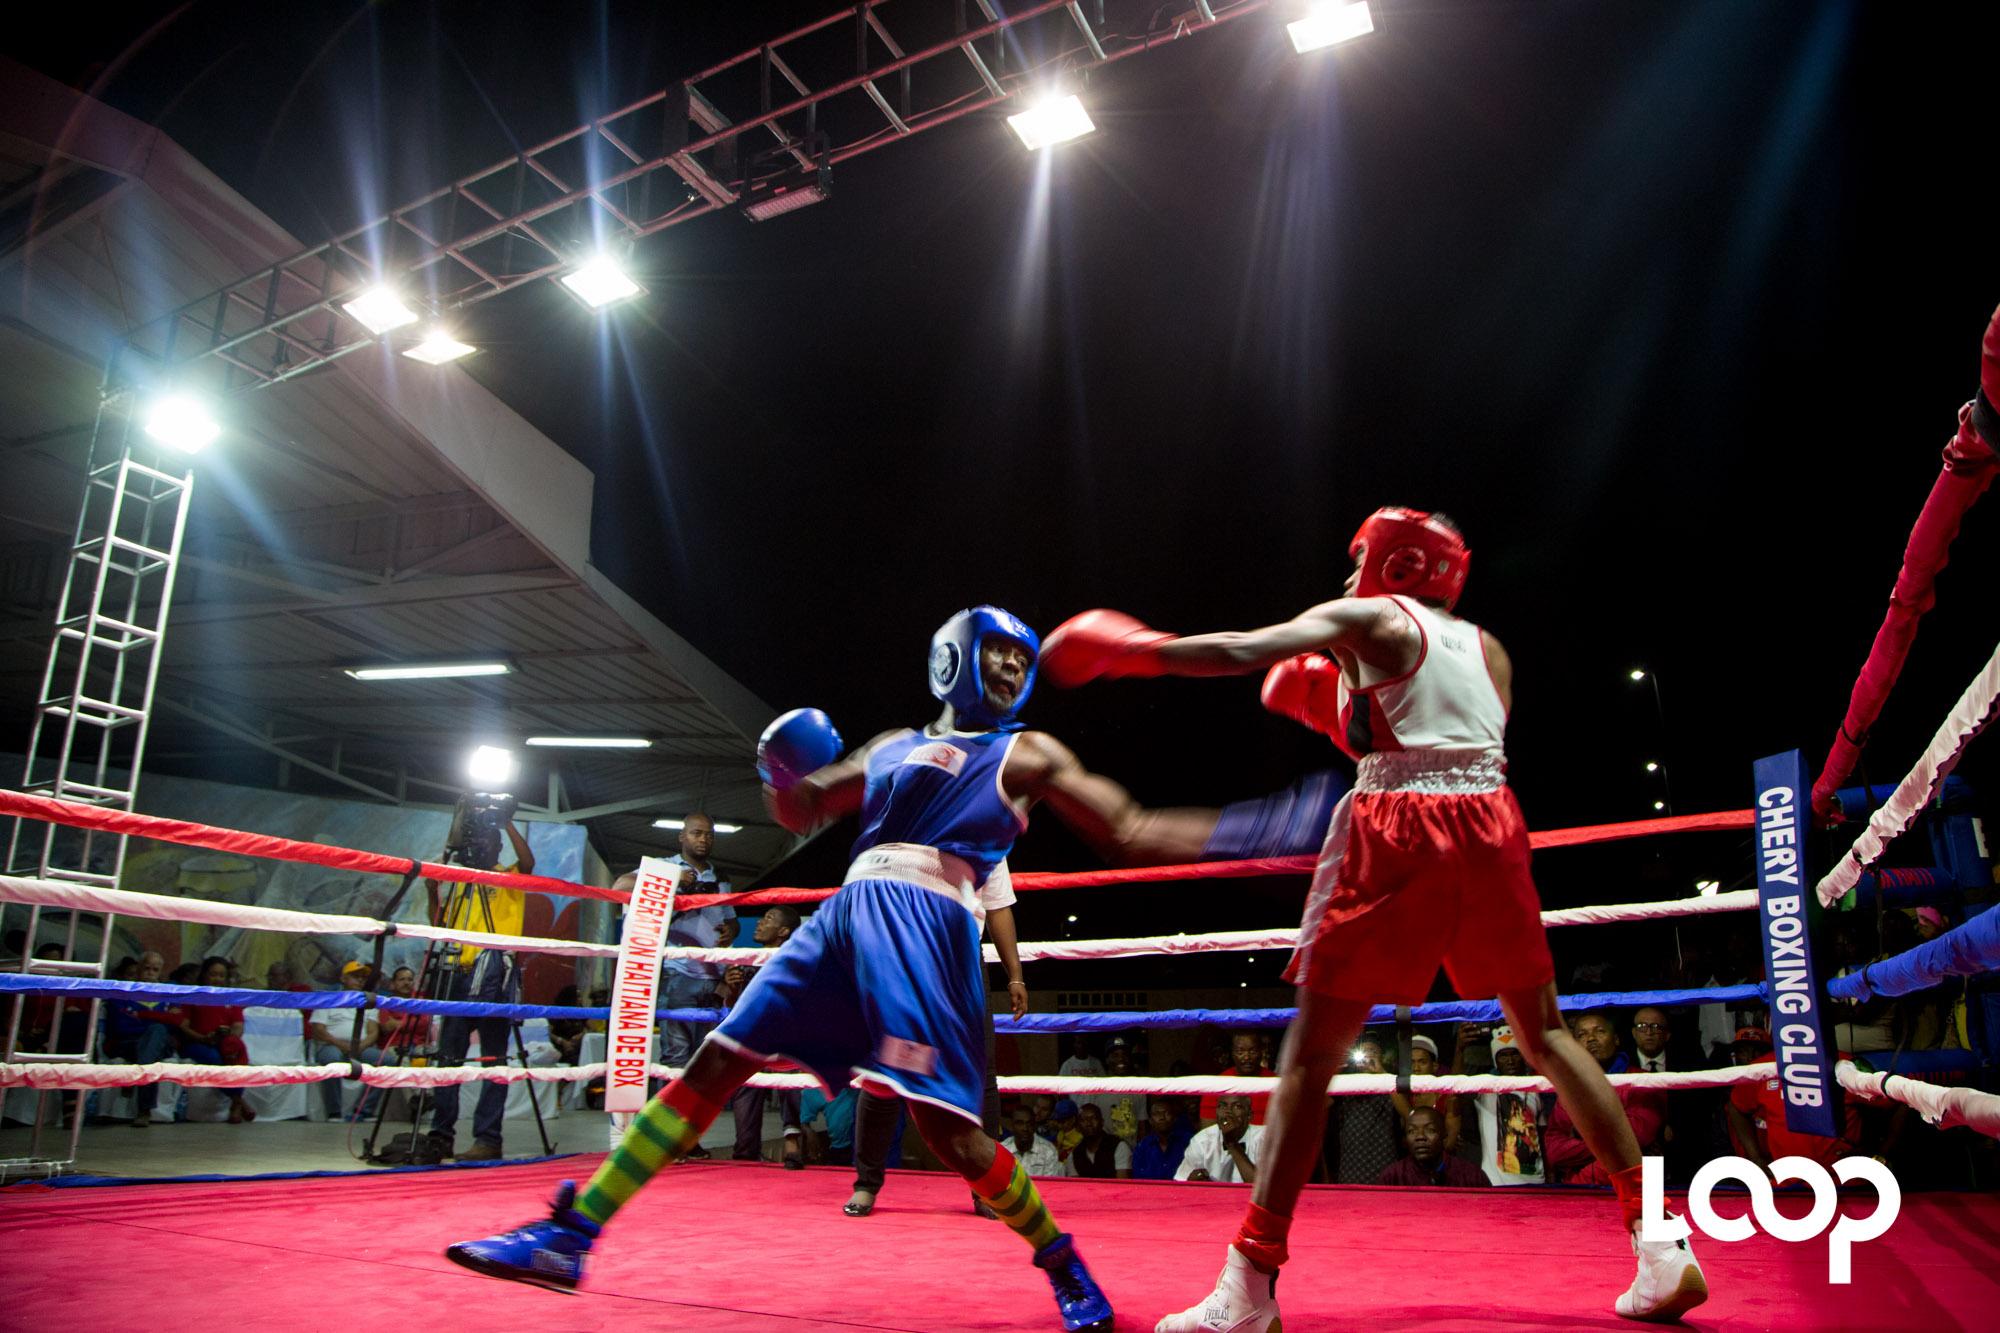 Tournoi internationale de boxe Hugo Chavez, une grande première réussi. Photo : LoopHaiti/Estailove St-Val